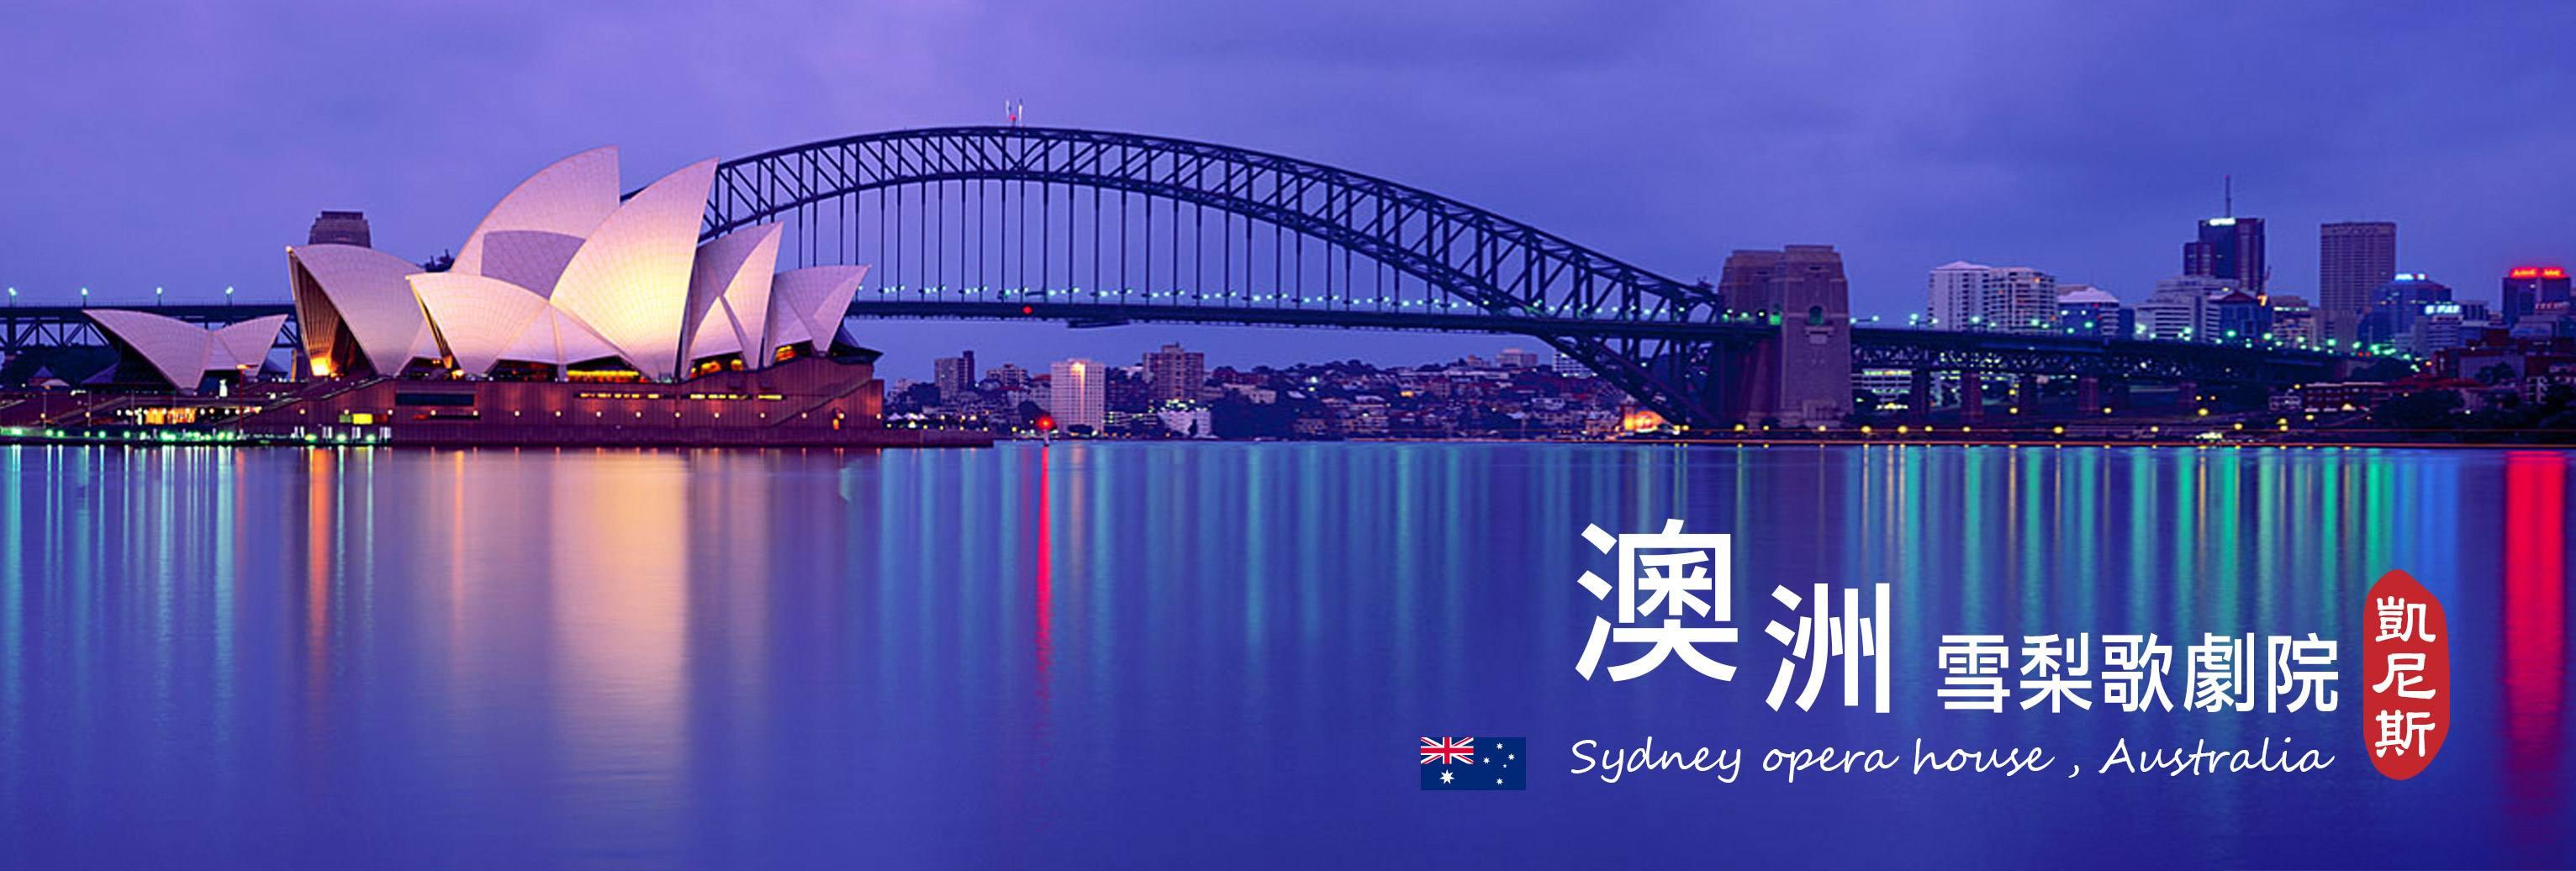 悉尼大桥风景背景图片